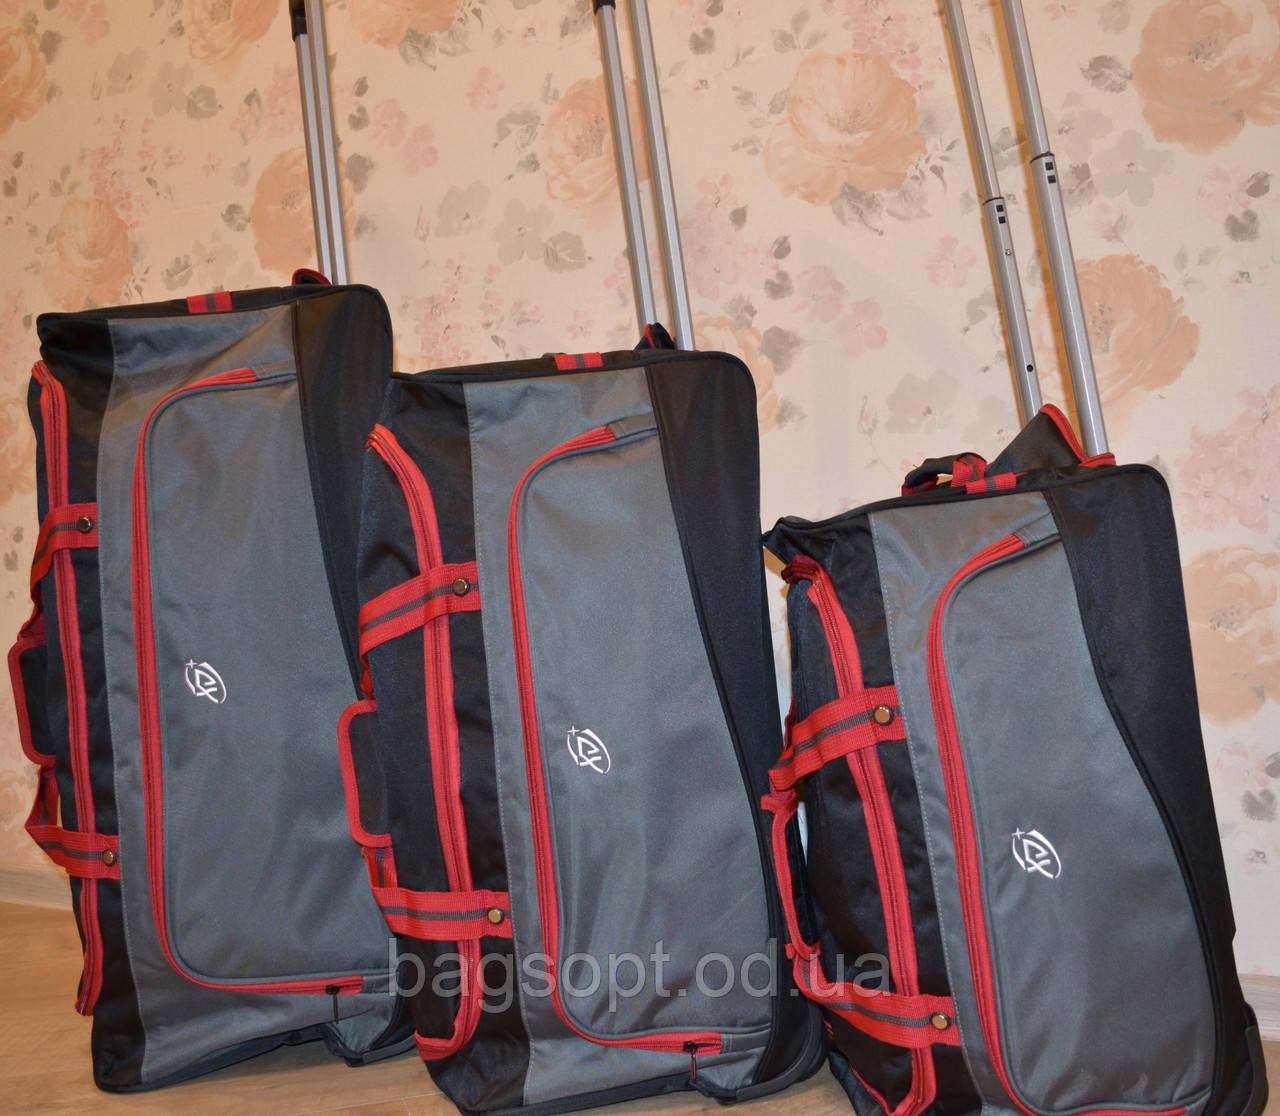 Набор (комплект) дорожных сумок на колесах с выдвижной ручкой